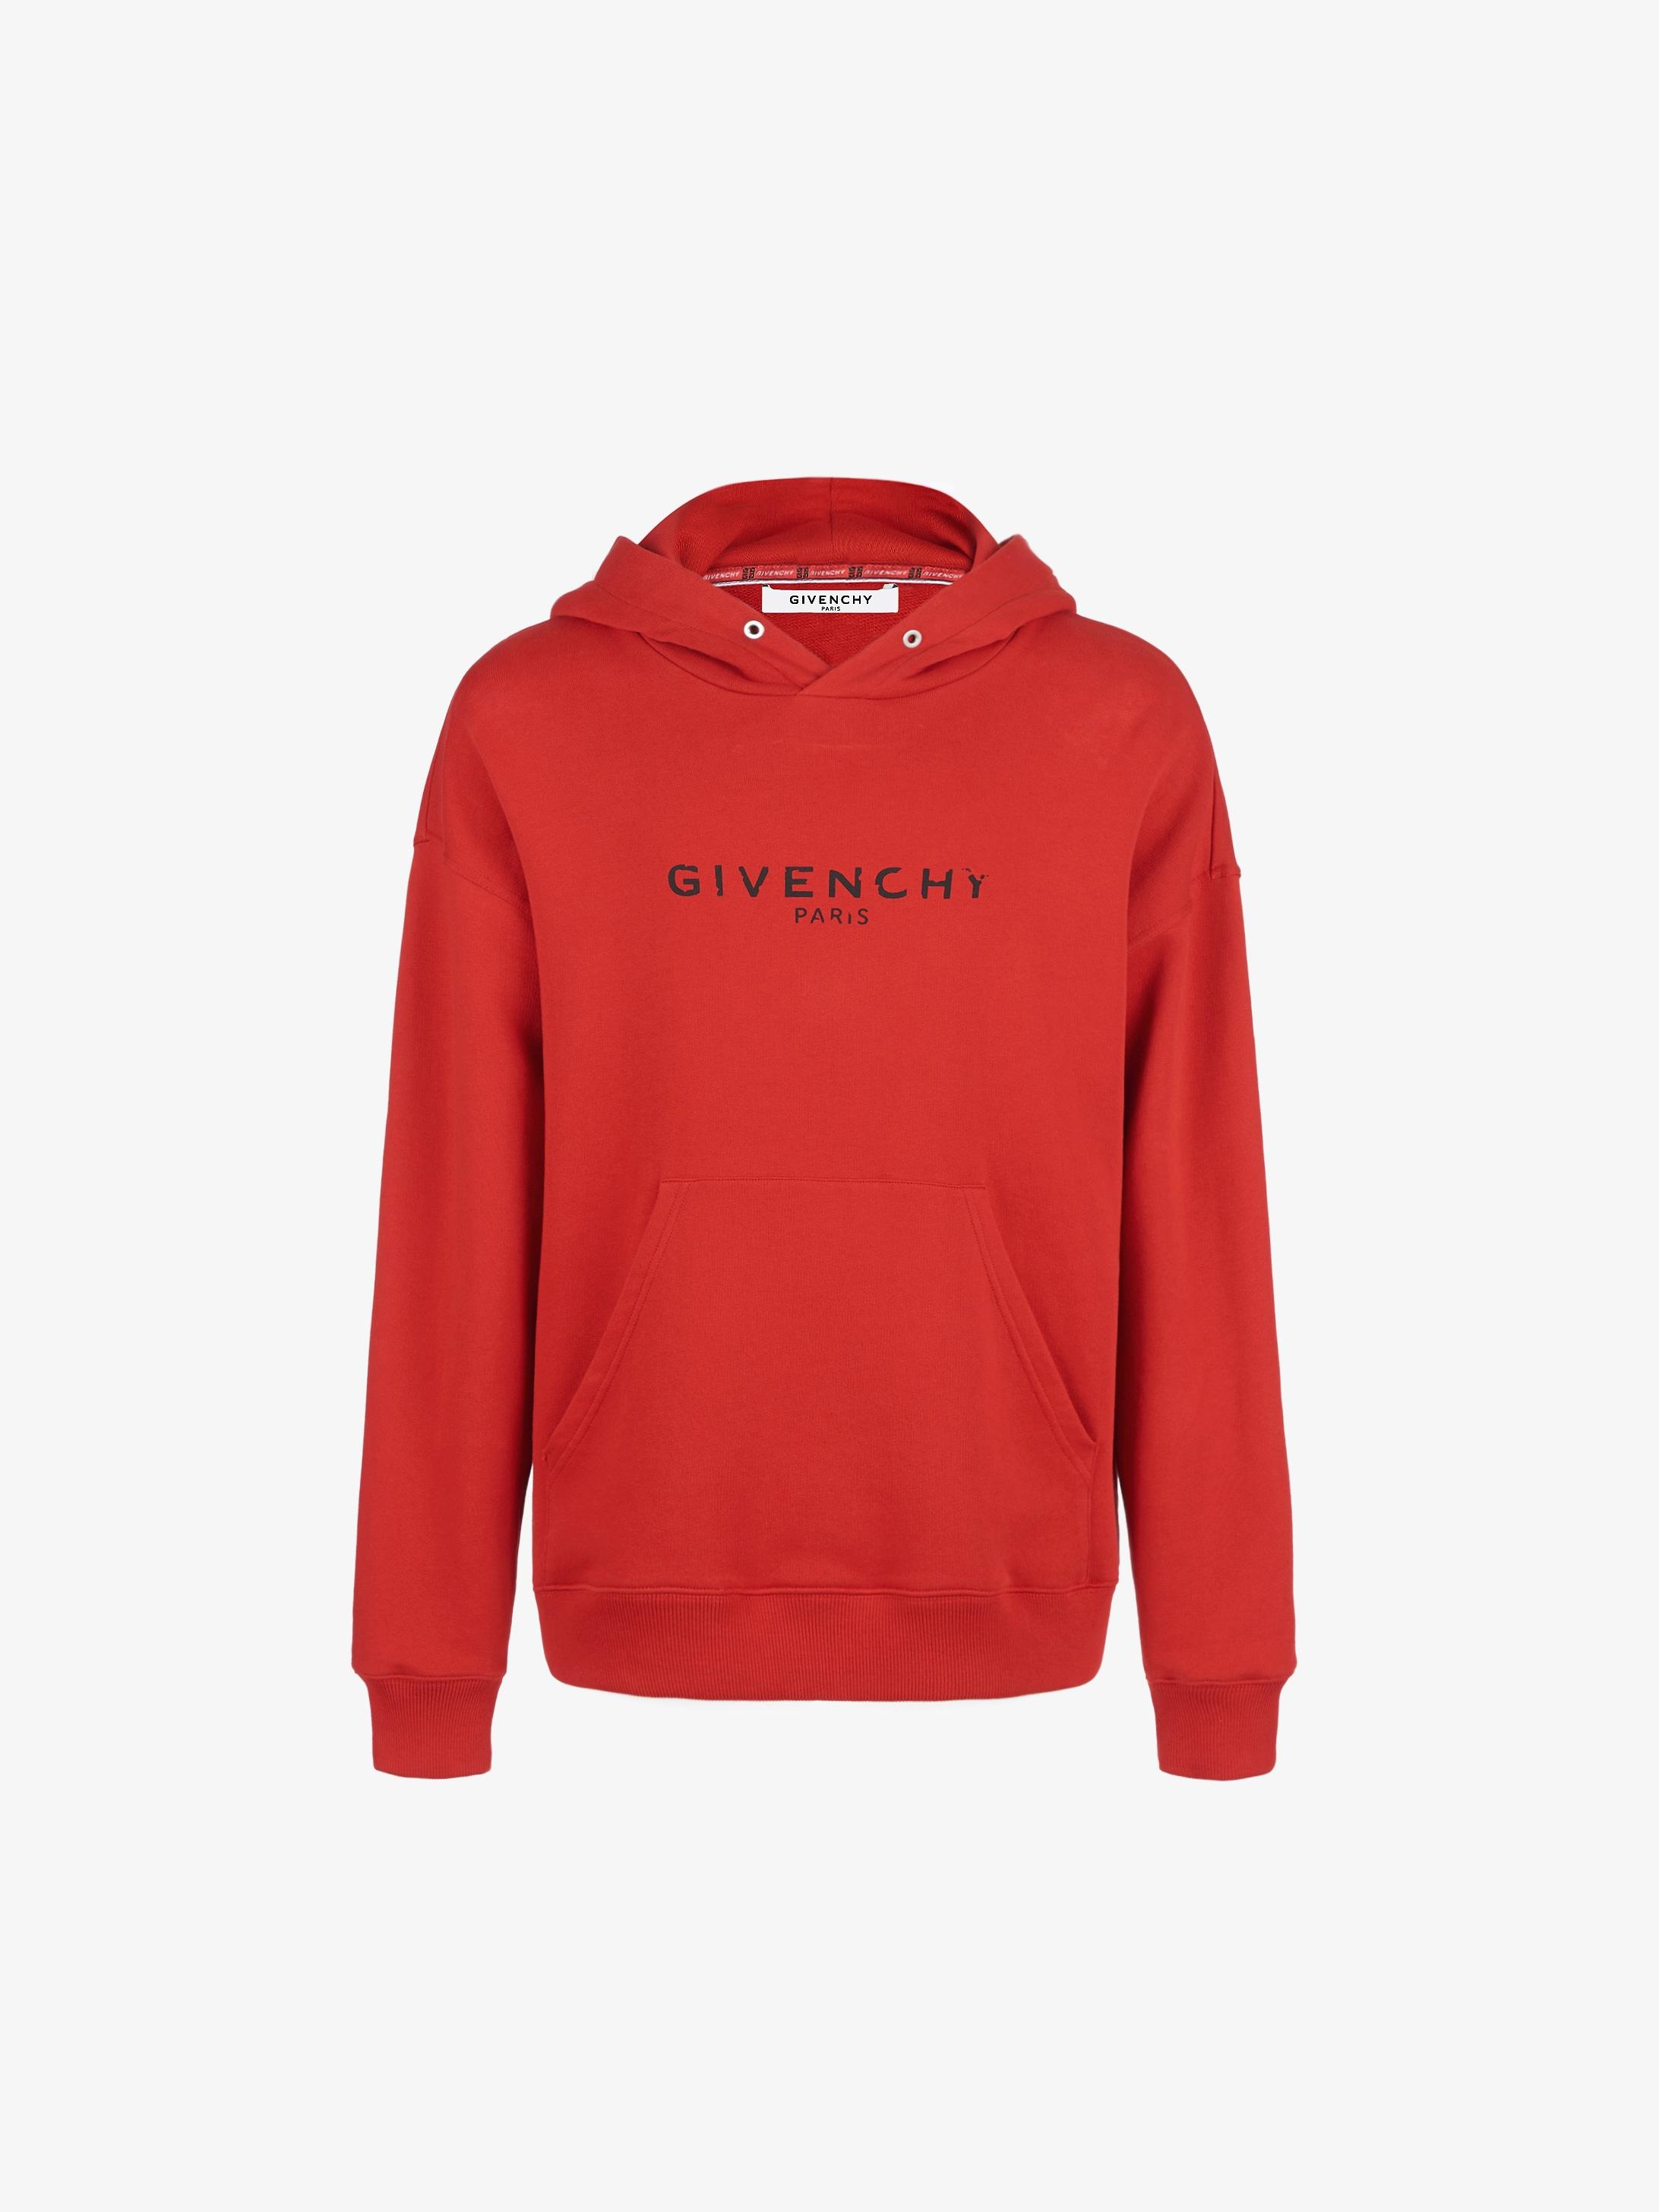 Sweatshirt à capuche GIVENCHY PARIS